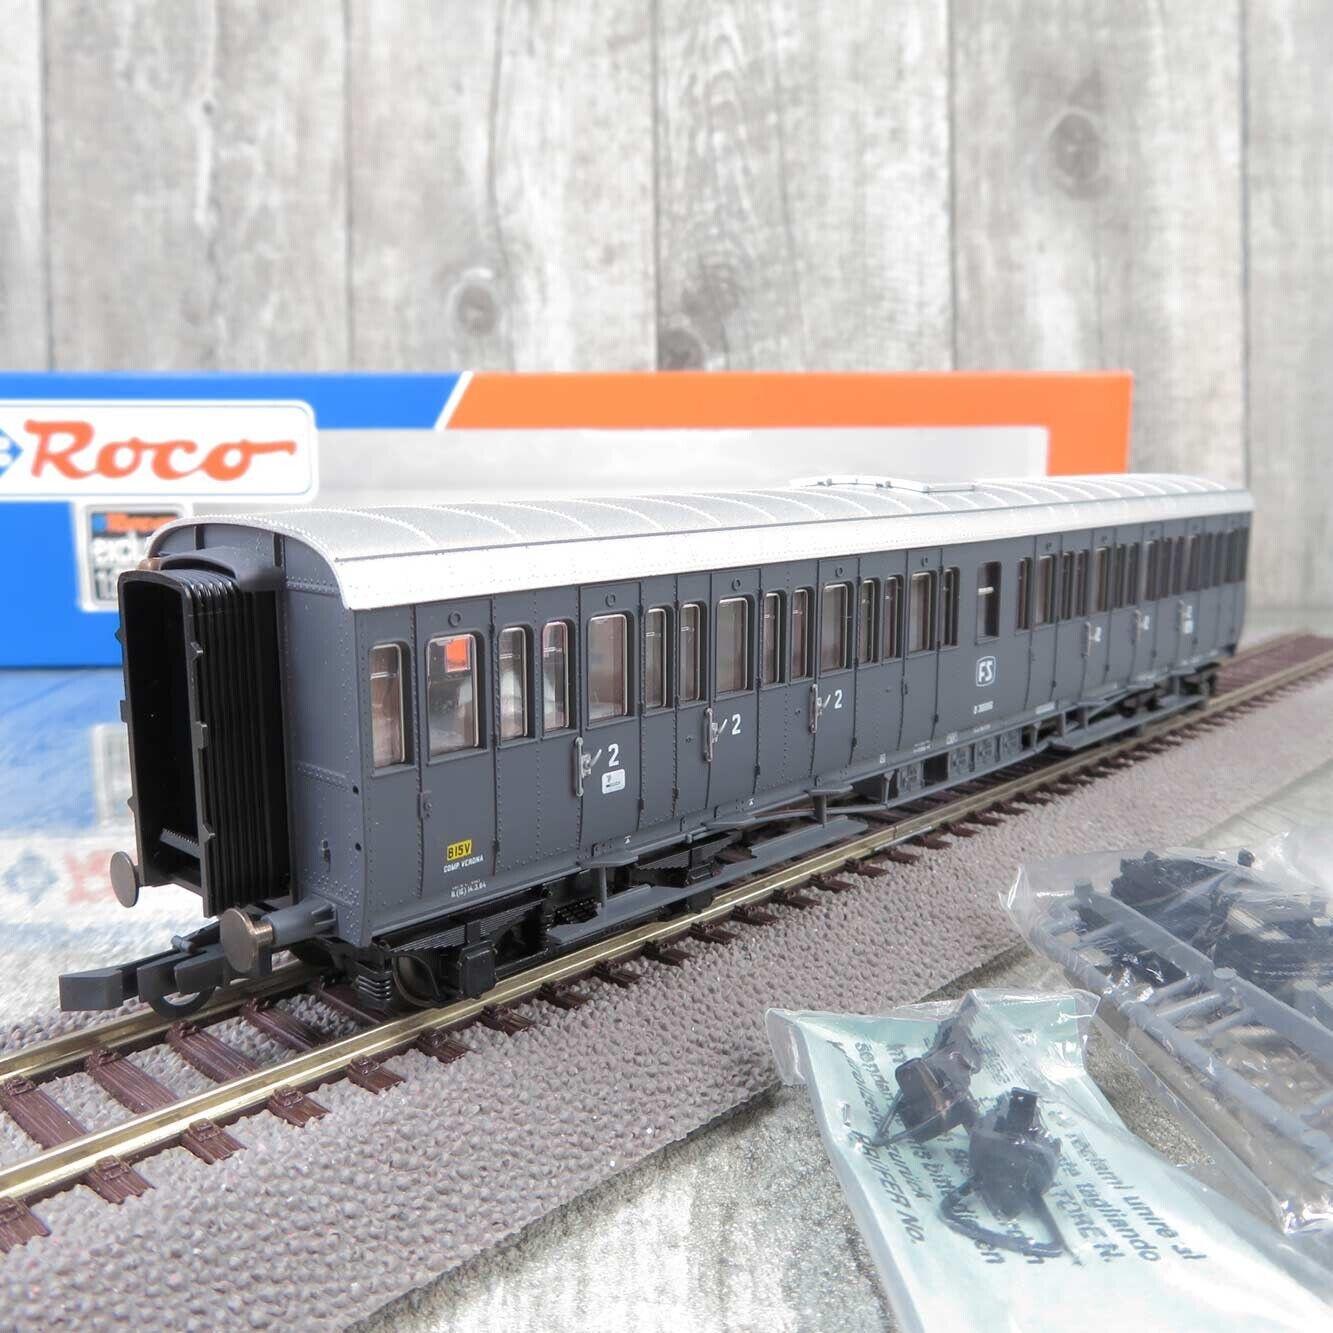 vendita online ROCO 44775 - H0 - Personenwagen - FS FS FS - 2.Klasse - OVP -  P23442  molte concessioni